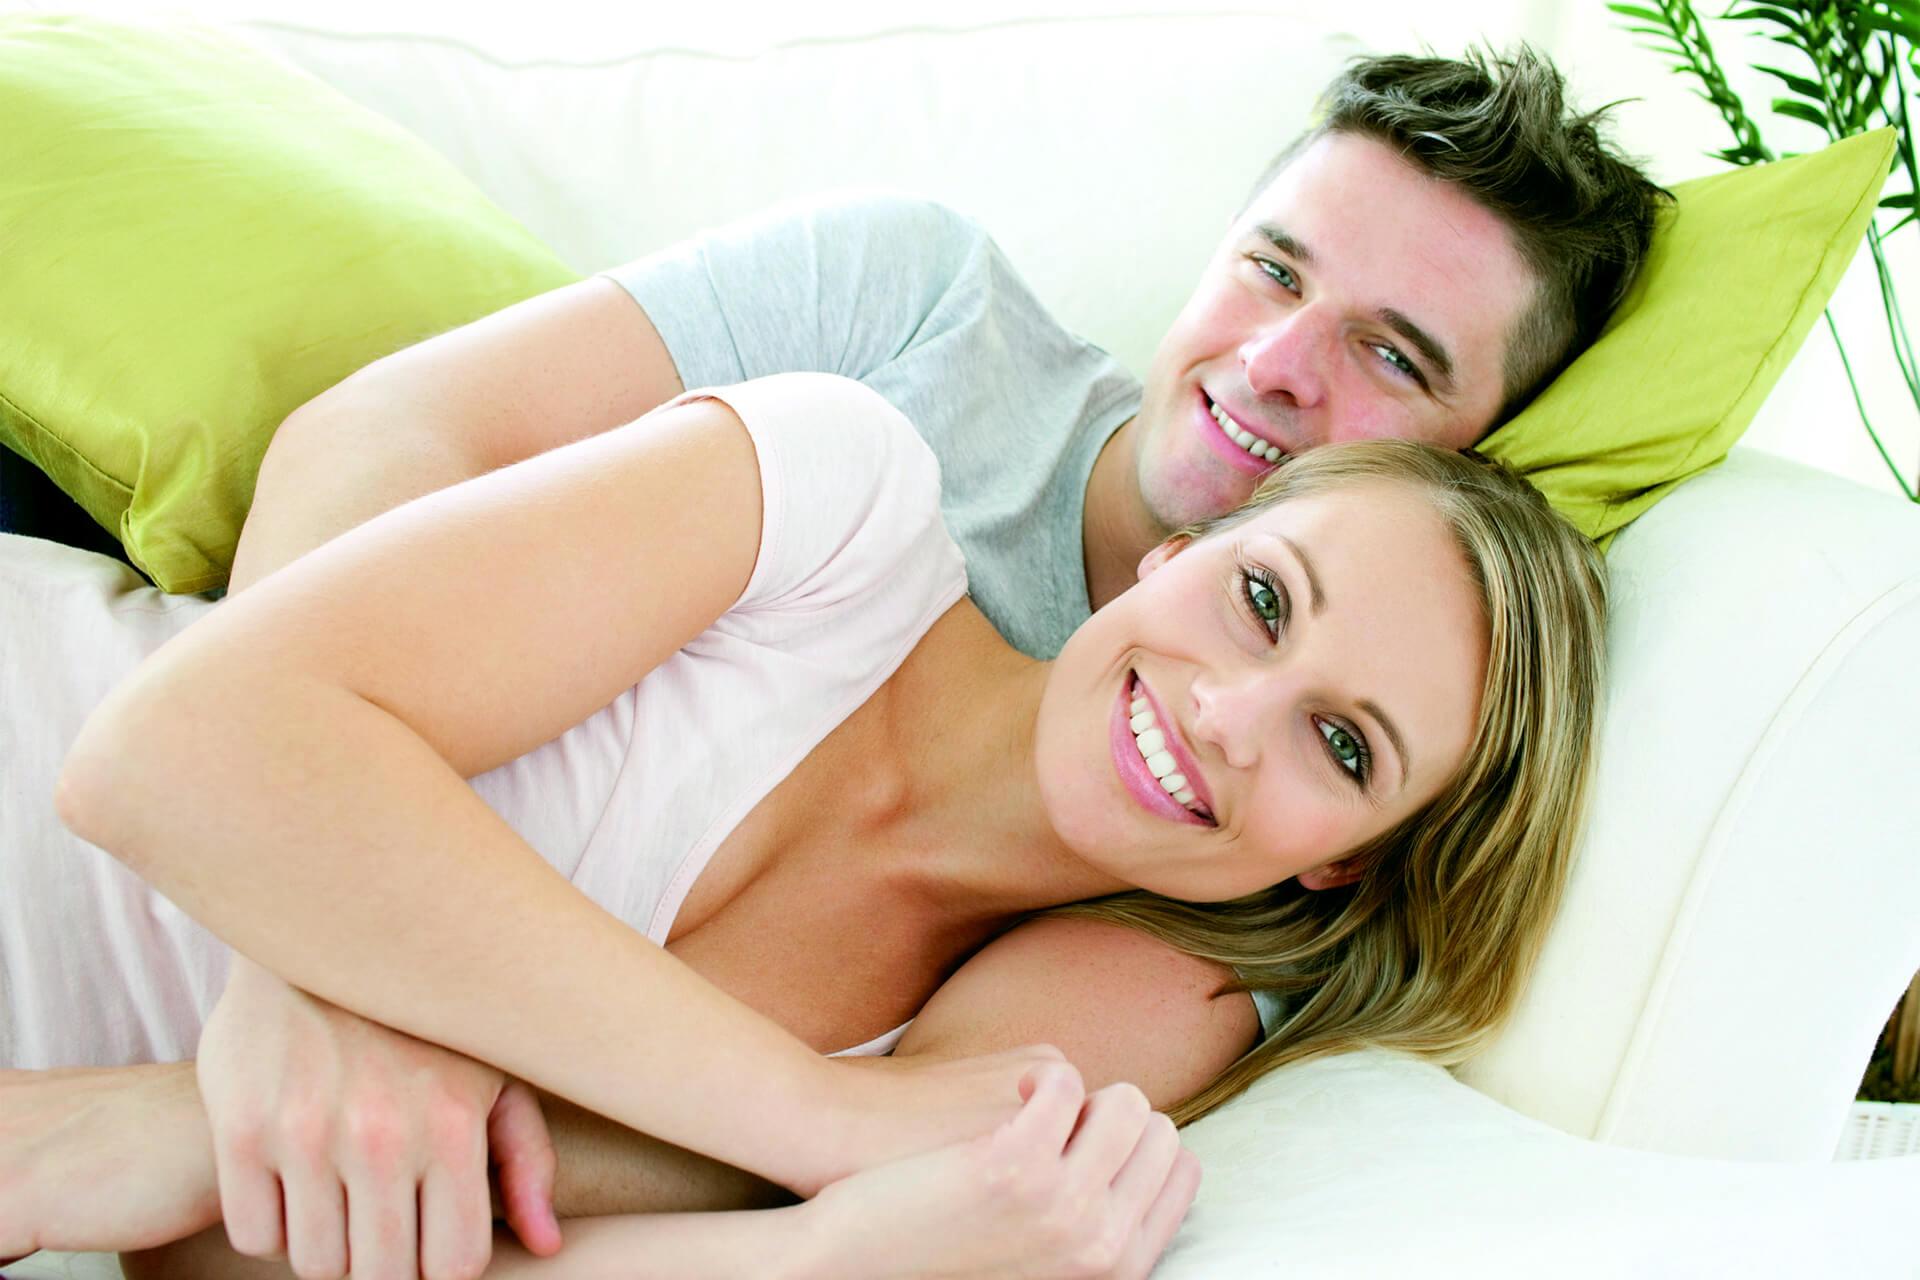 sztatinok és erekció merevedési korlát